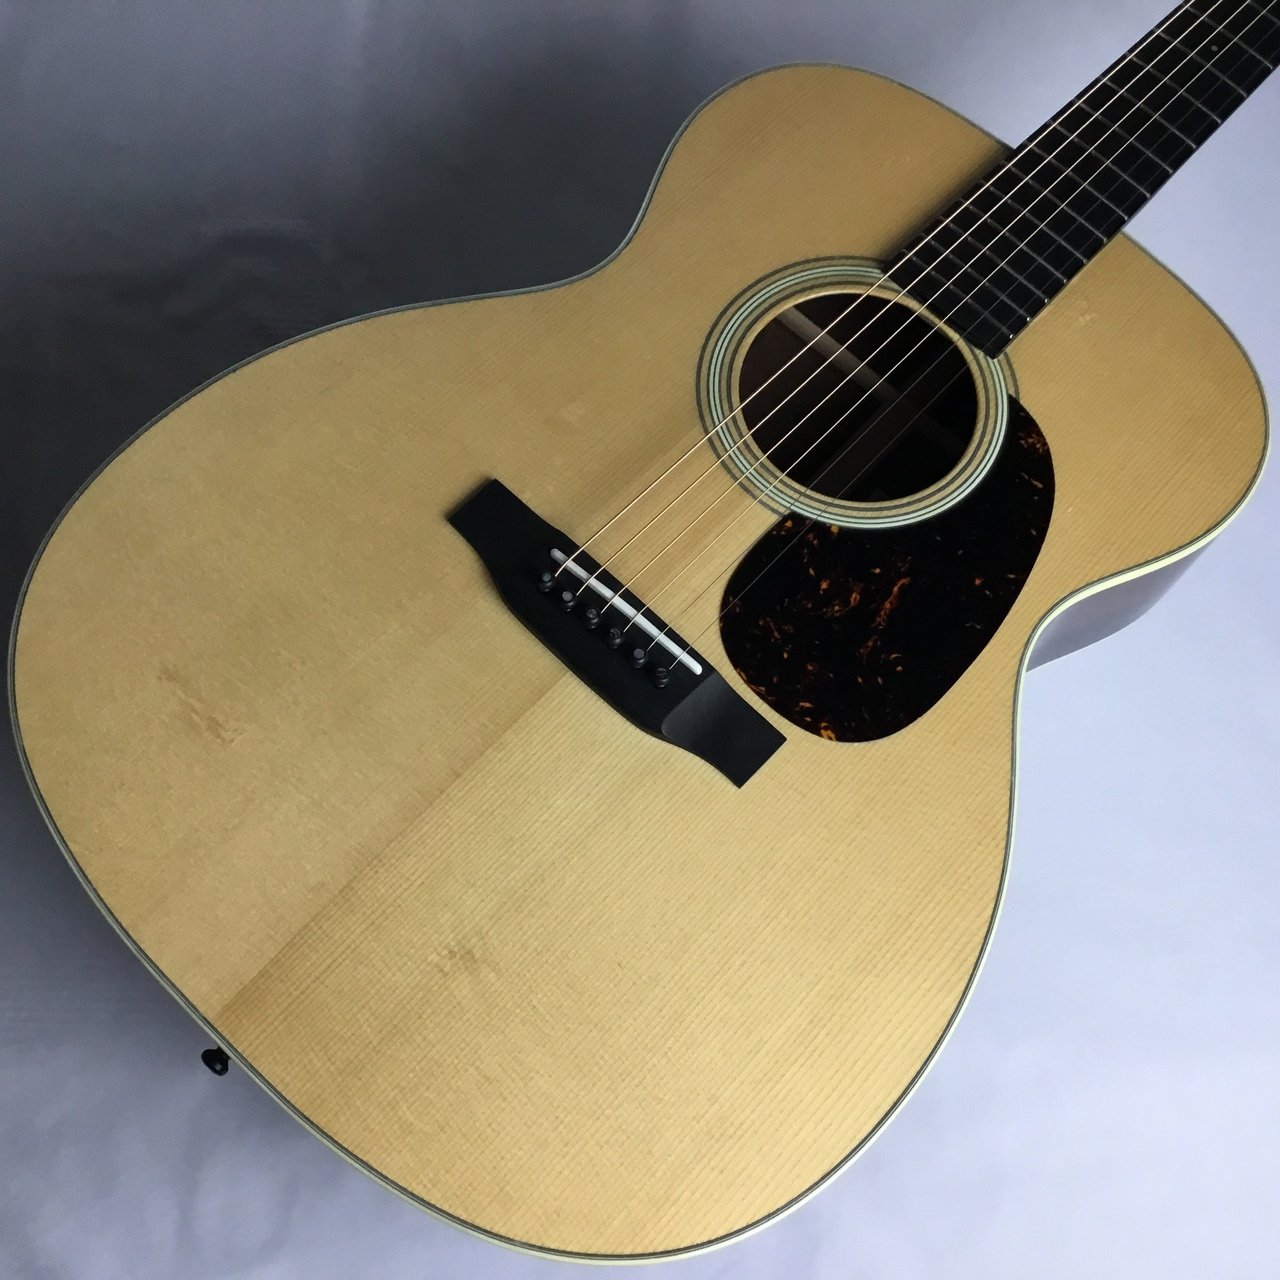 SAKATA GUITARS (サカタギターズ) 000-28B